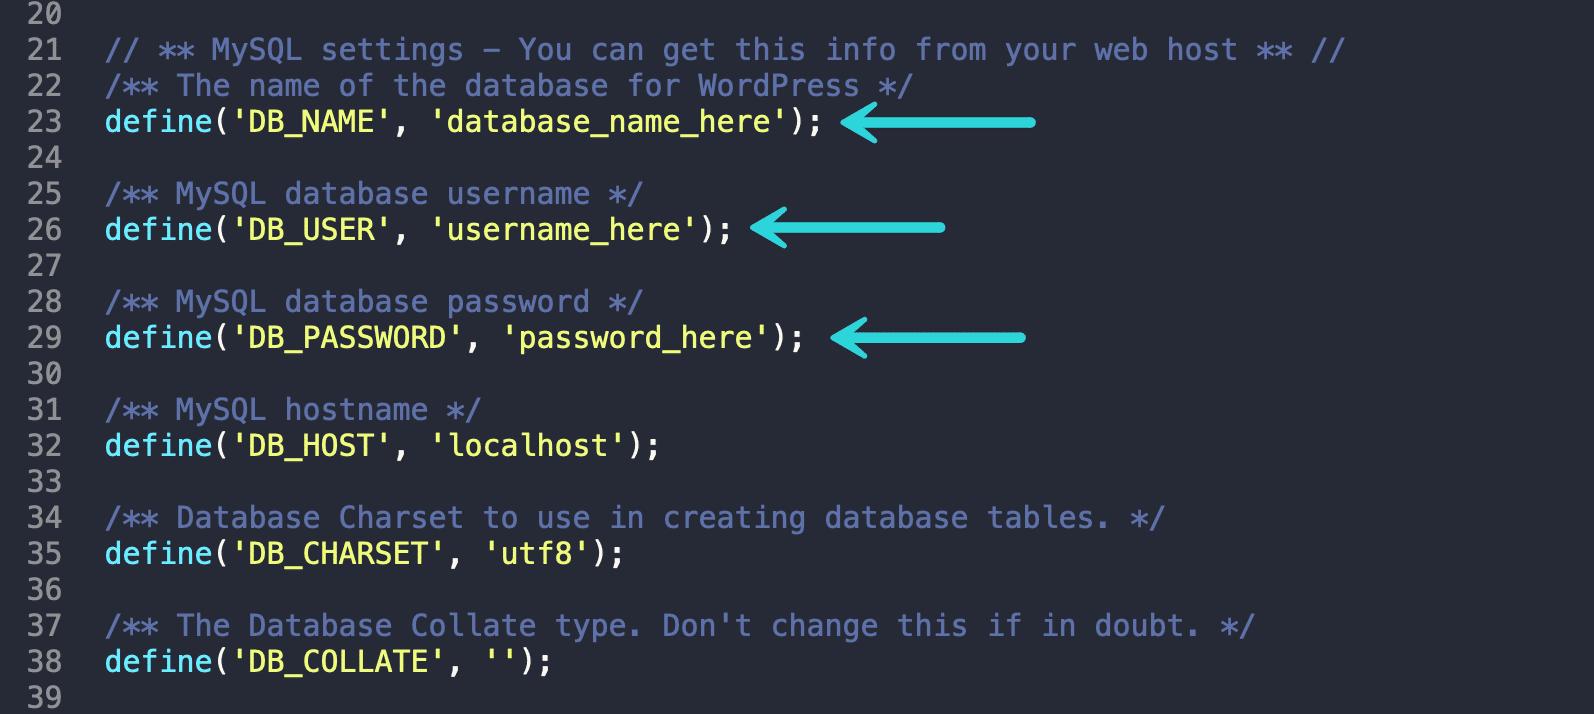 Configuración de MySQL en wp-config.php